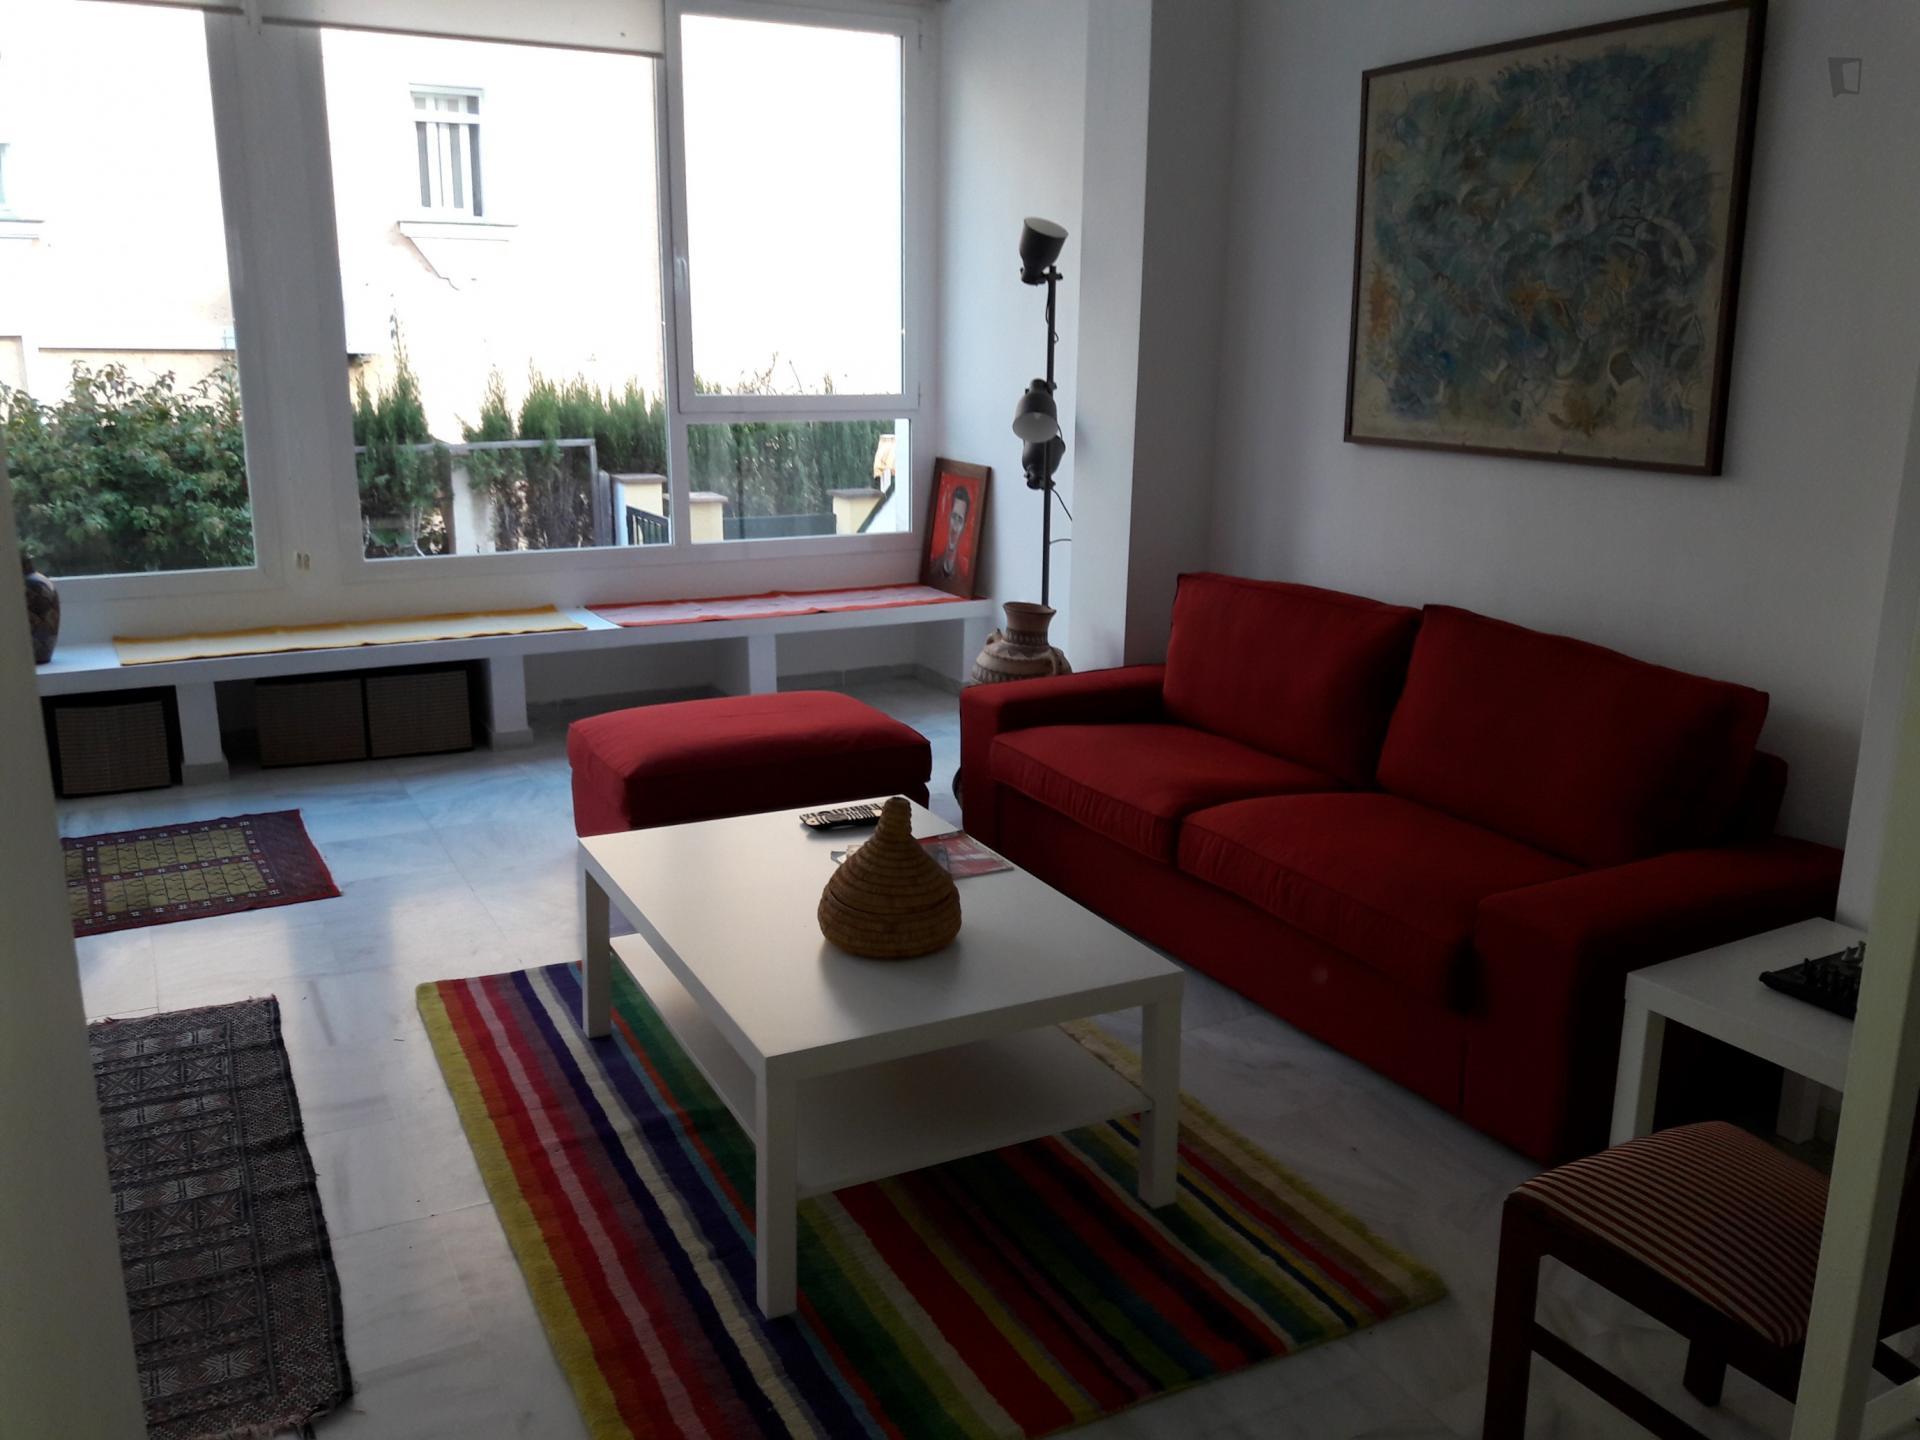 Etiopía- Cozy and Warm 1 bedroom Apartment Malaga